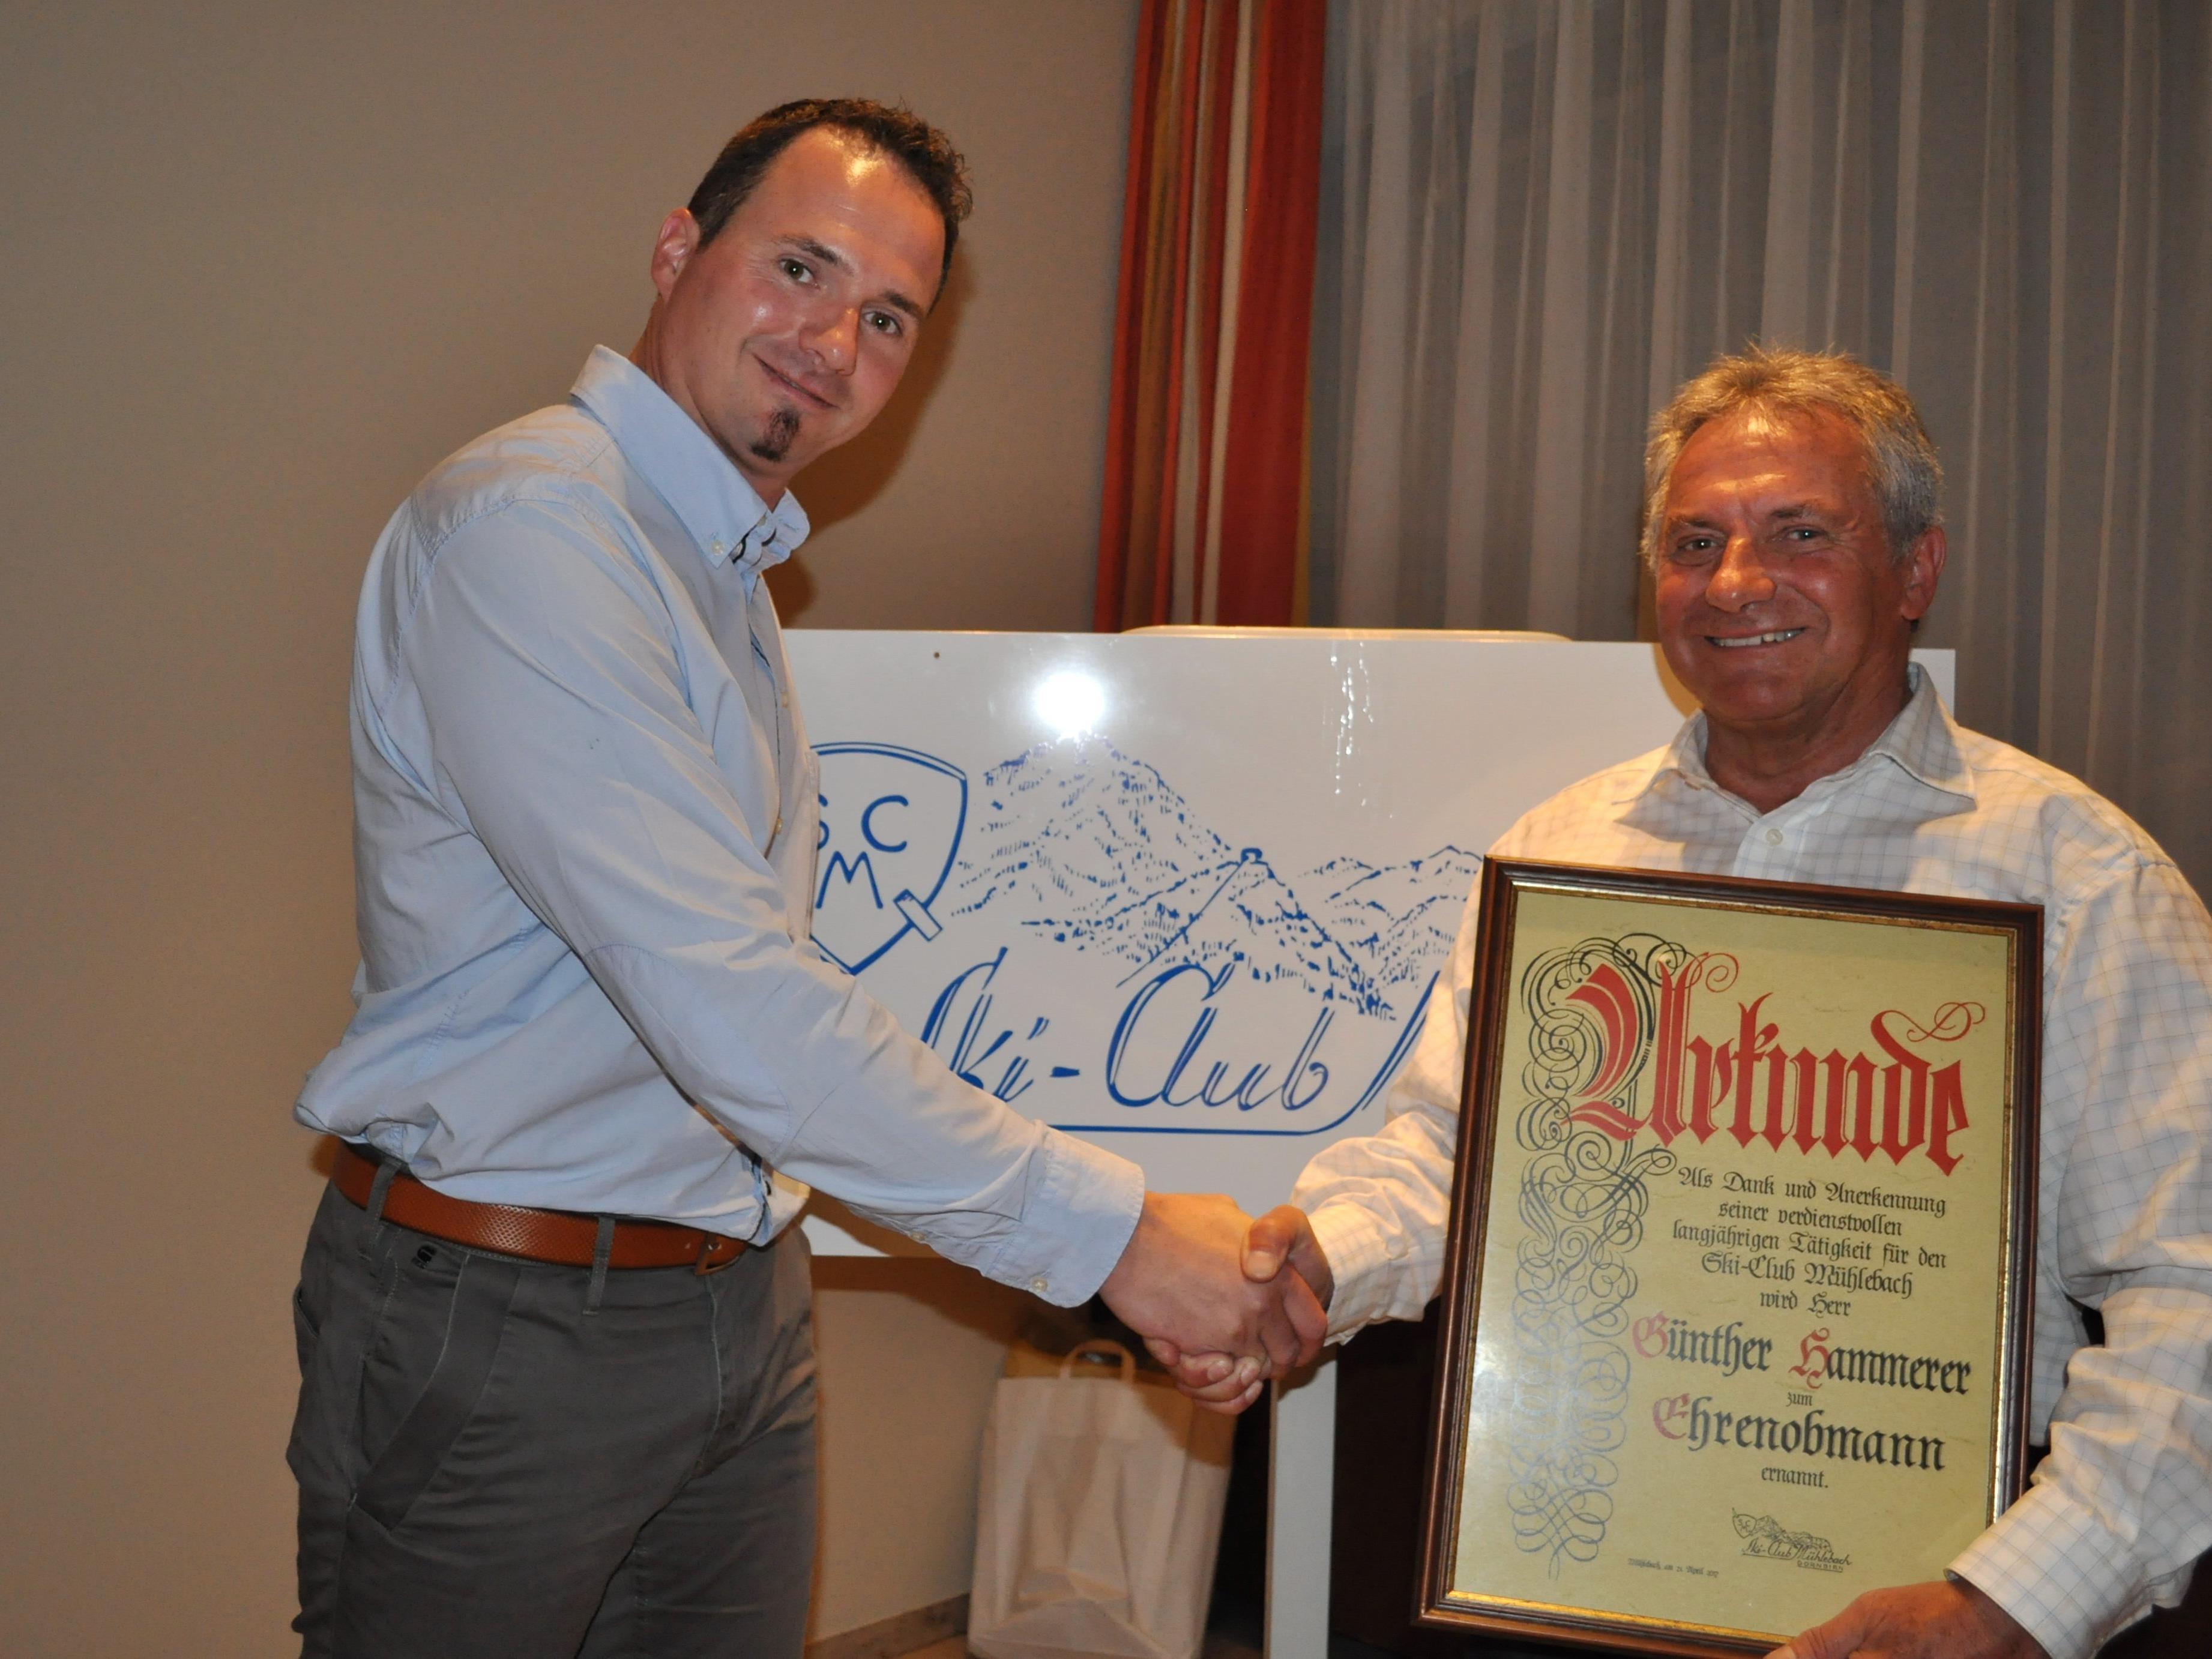 Der neue Obmann Andreas Hammerer übergab seinem Vater Günther die Urkunde als Ehrenobmann.